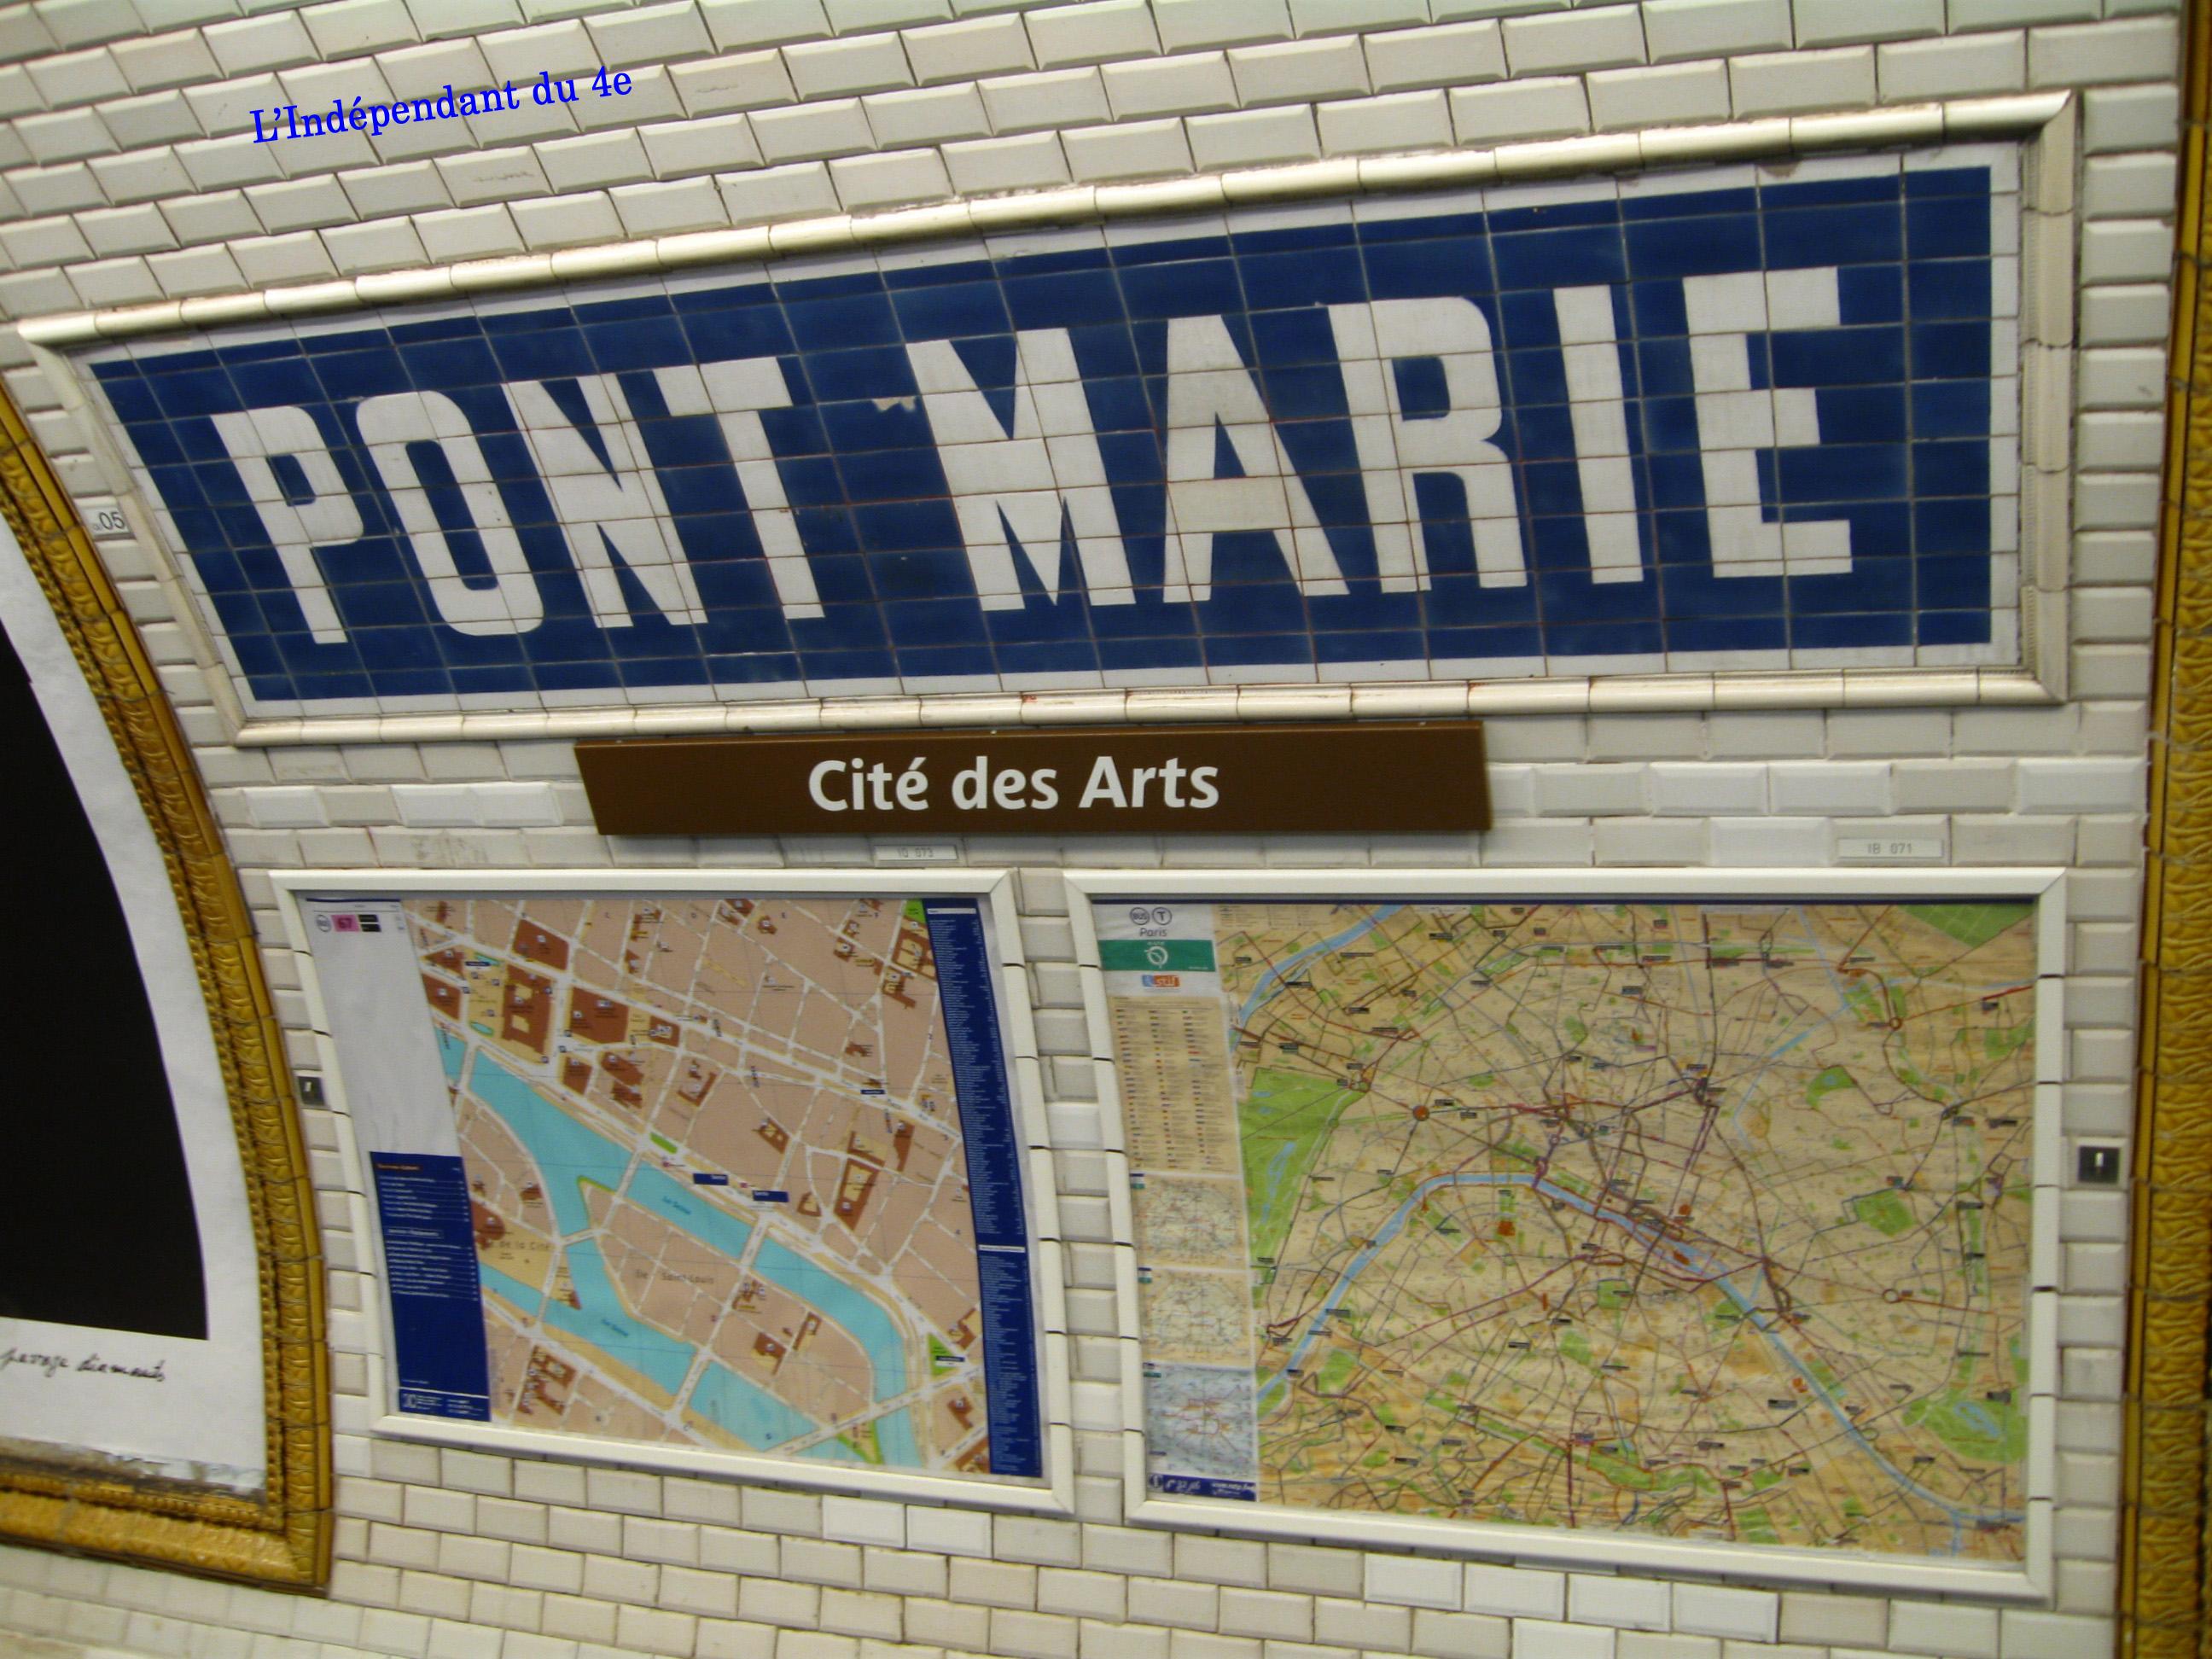 Plaque Metro Parisien Deco l'indépendant du 4e arrondissement de paris: cdlxxiii